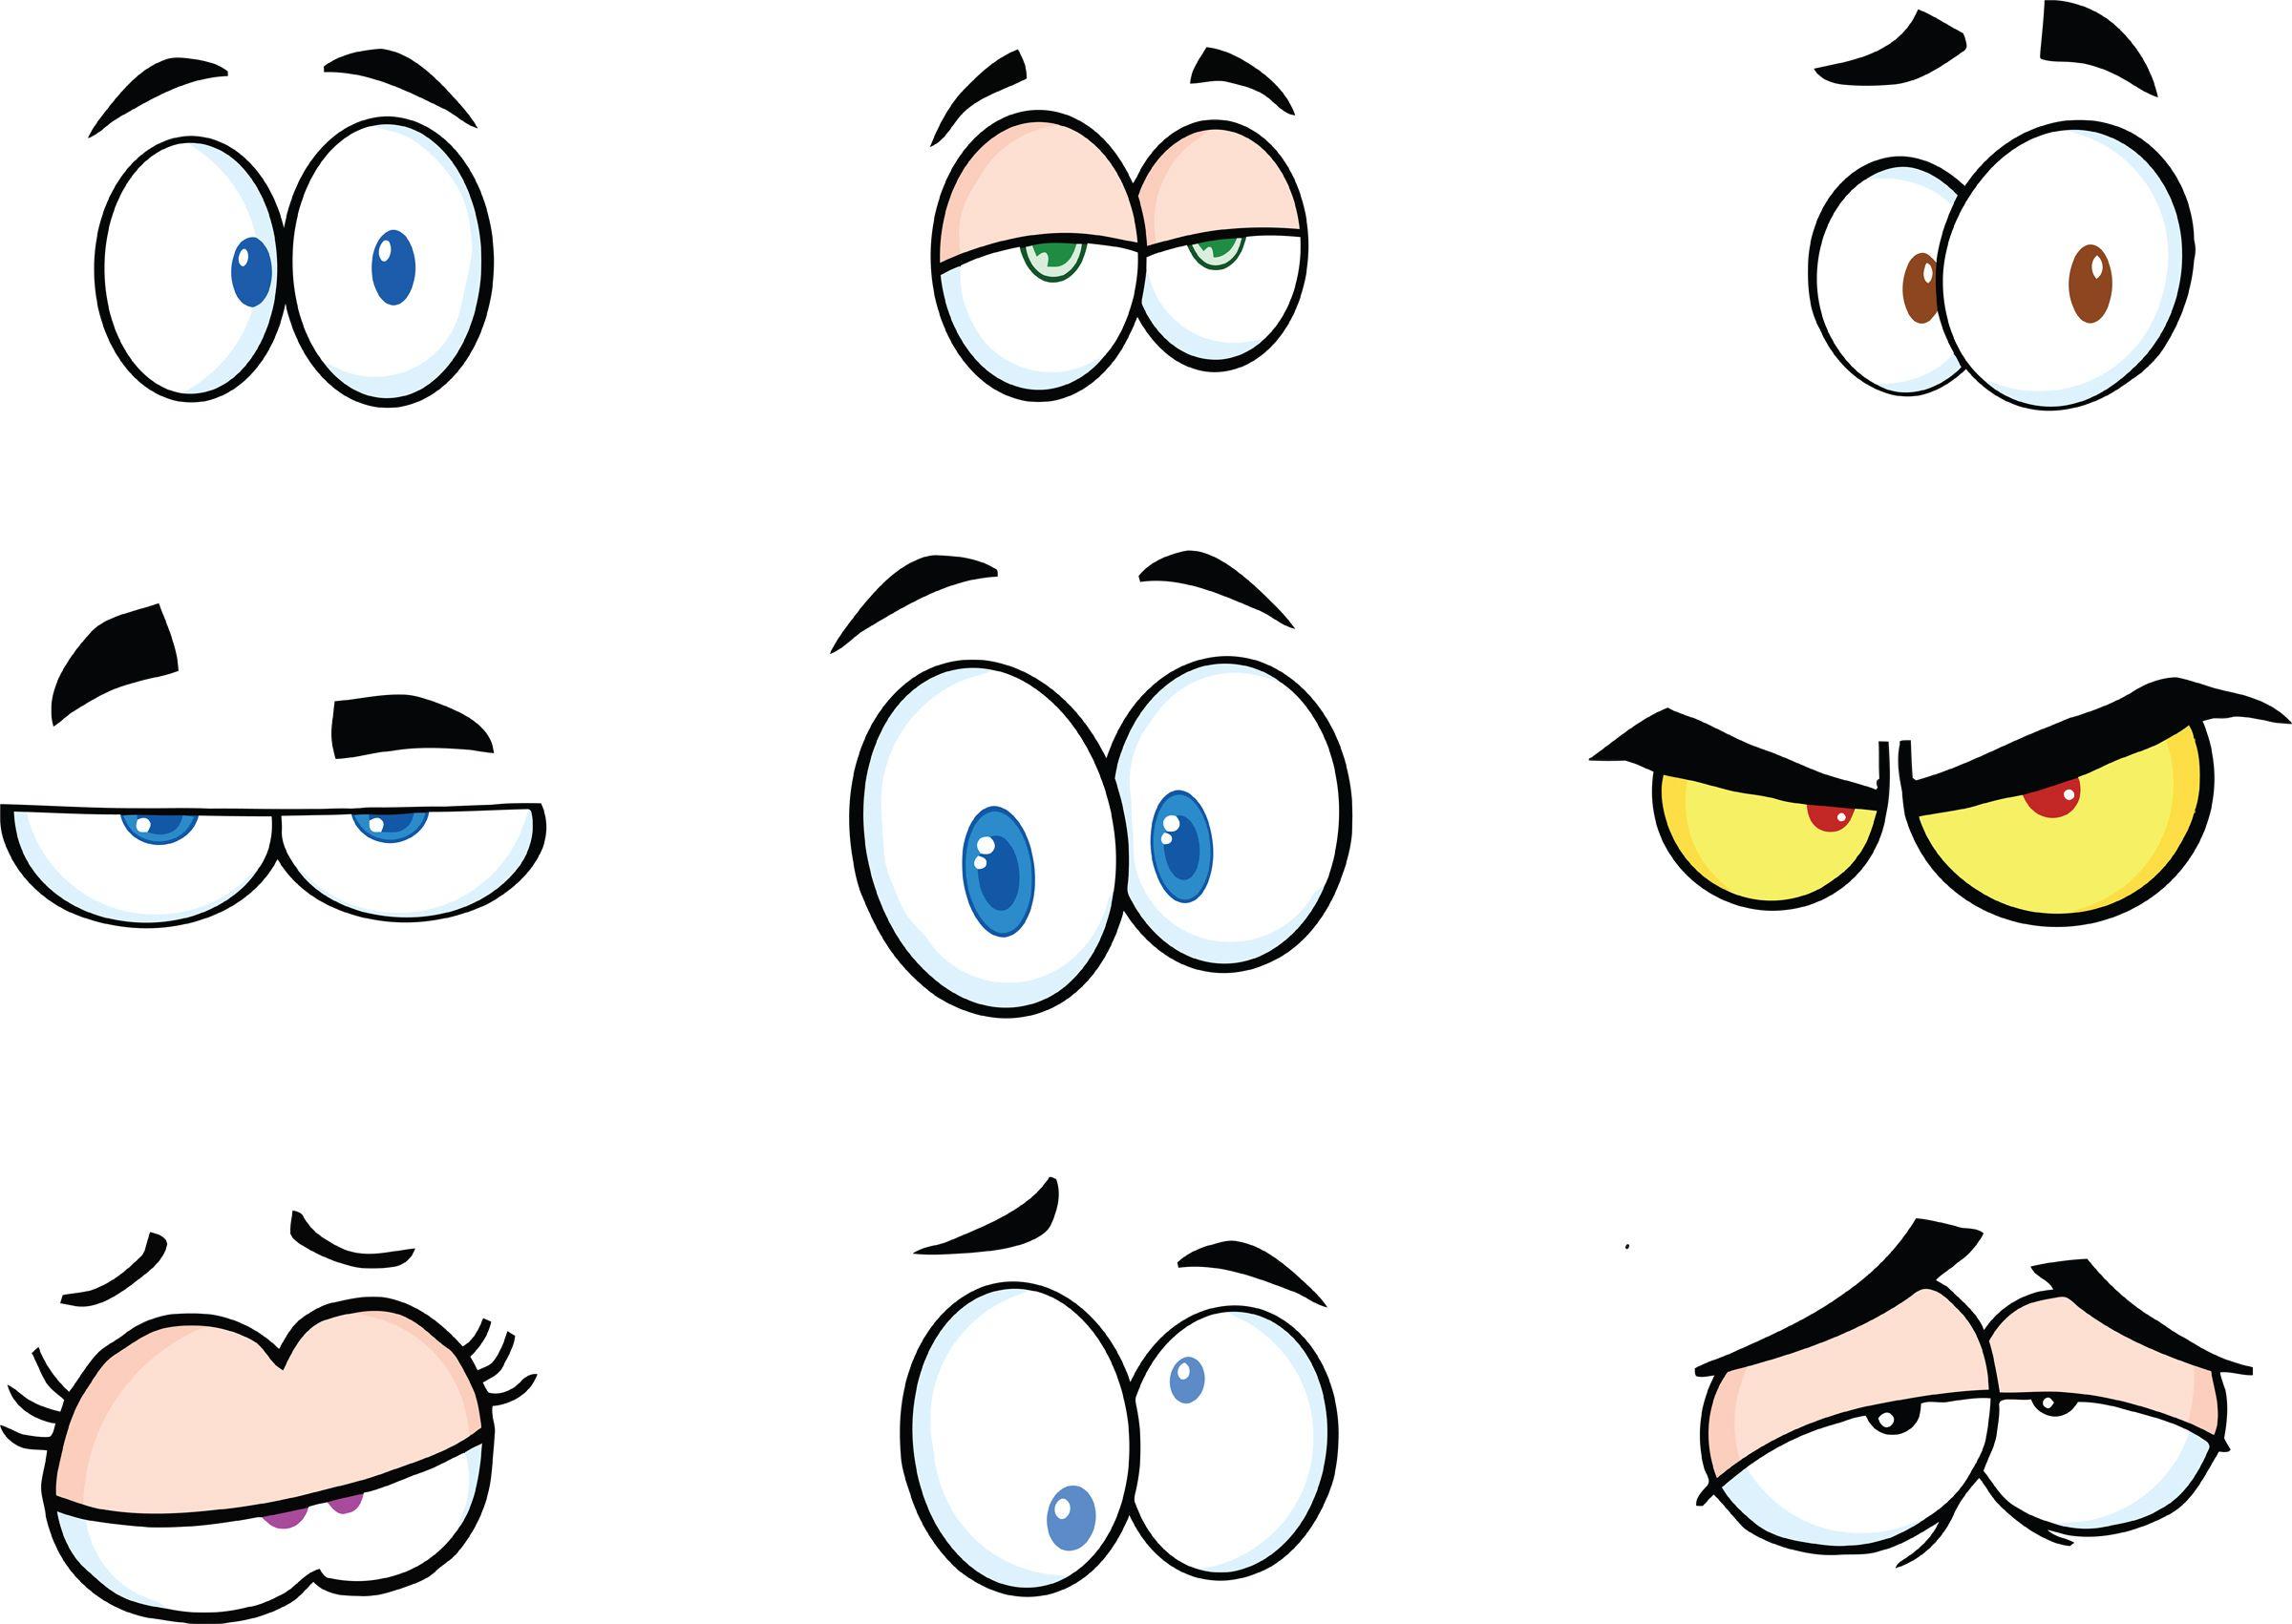 Funny Cartoon Eyes Clipart.